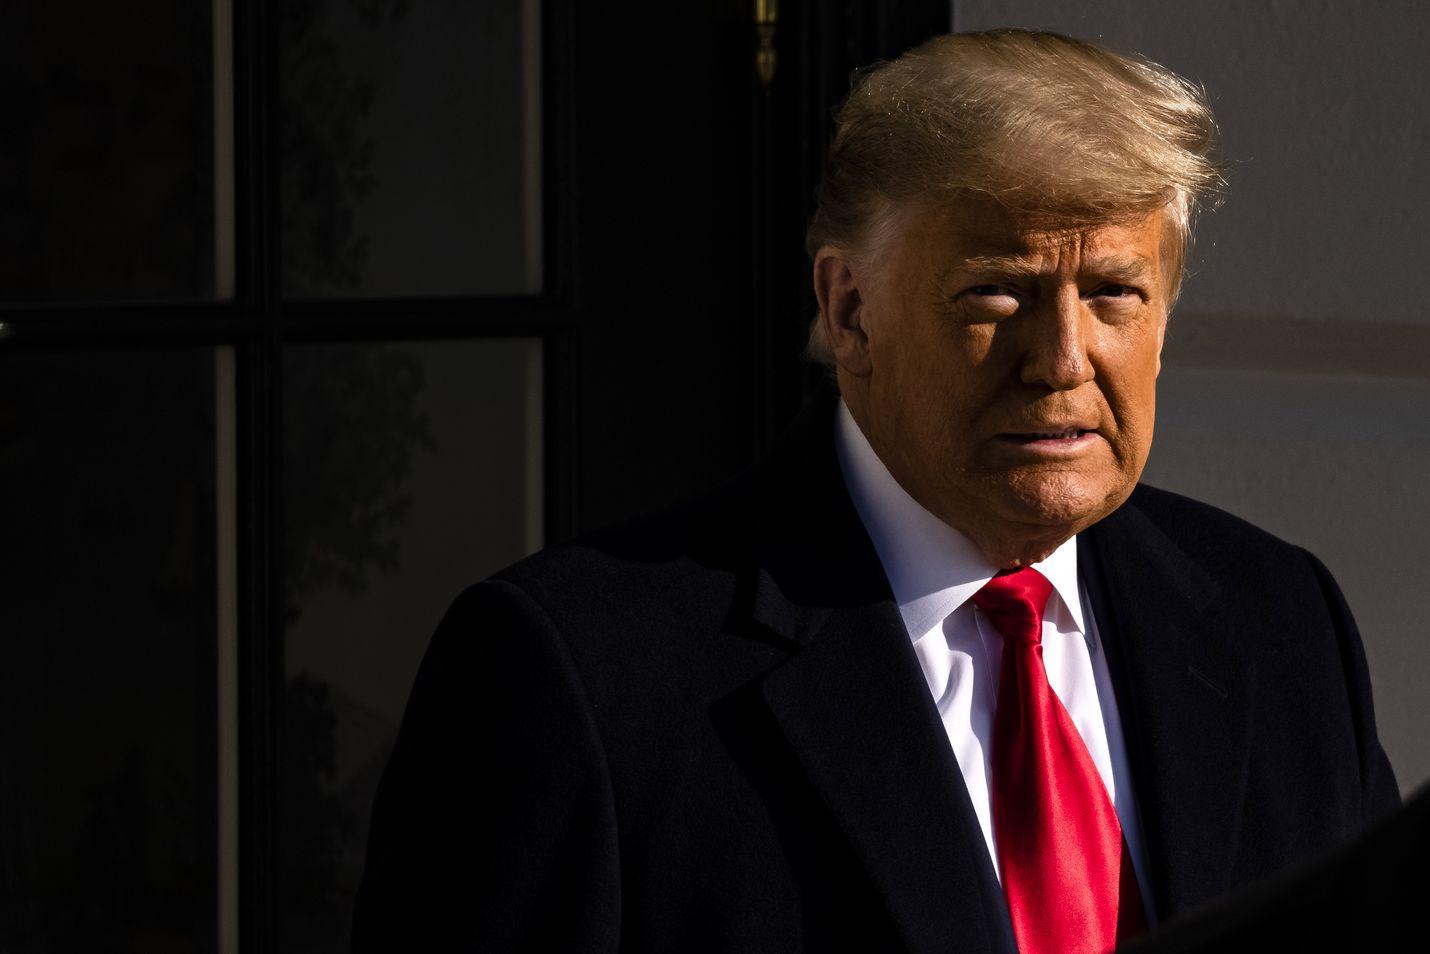 Donald Trump lähti tiistaina Valkosesta talosta Texasiin tarkastelemaan Yhdysvaltain ja Meksikon välistä rajamuuria.